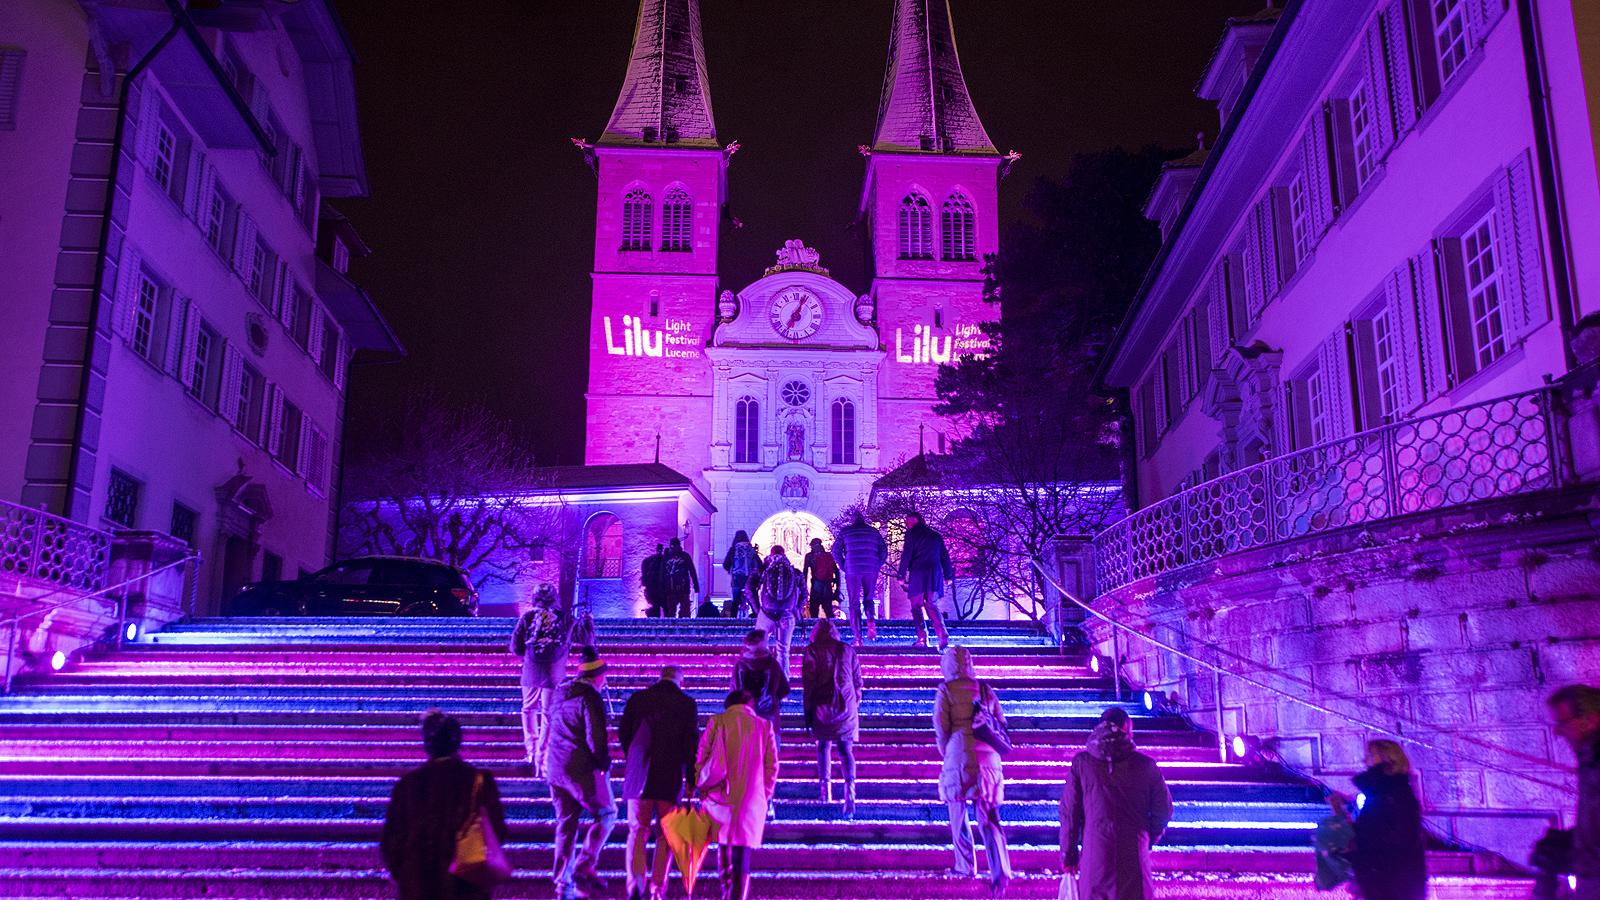 Около 17 проекта за светлинни изкуства ще бъдат представени на фестивала Lilu Light Festival Luzern от 10 до 20 януари, в Люцерн, Швейцария.